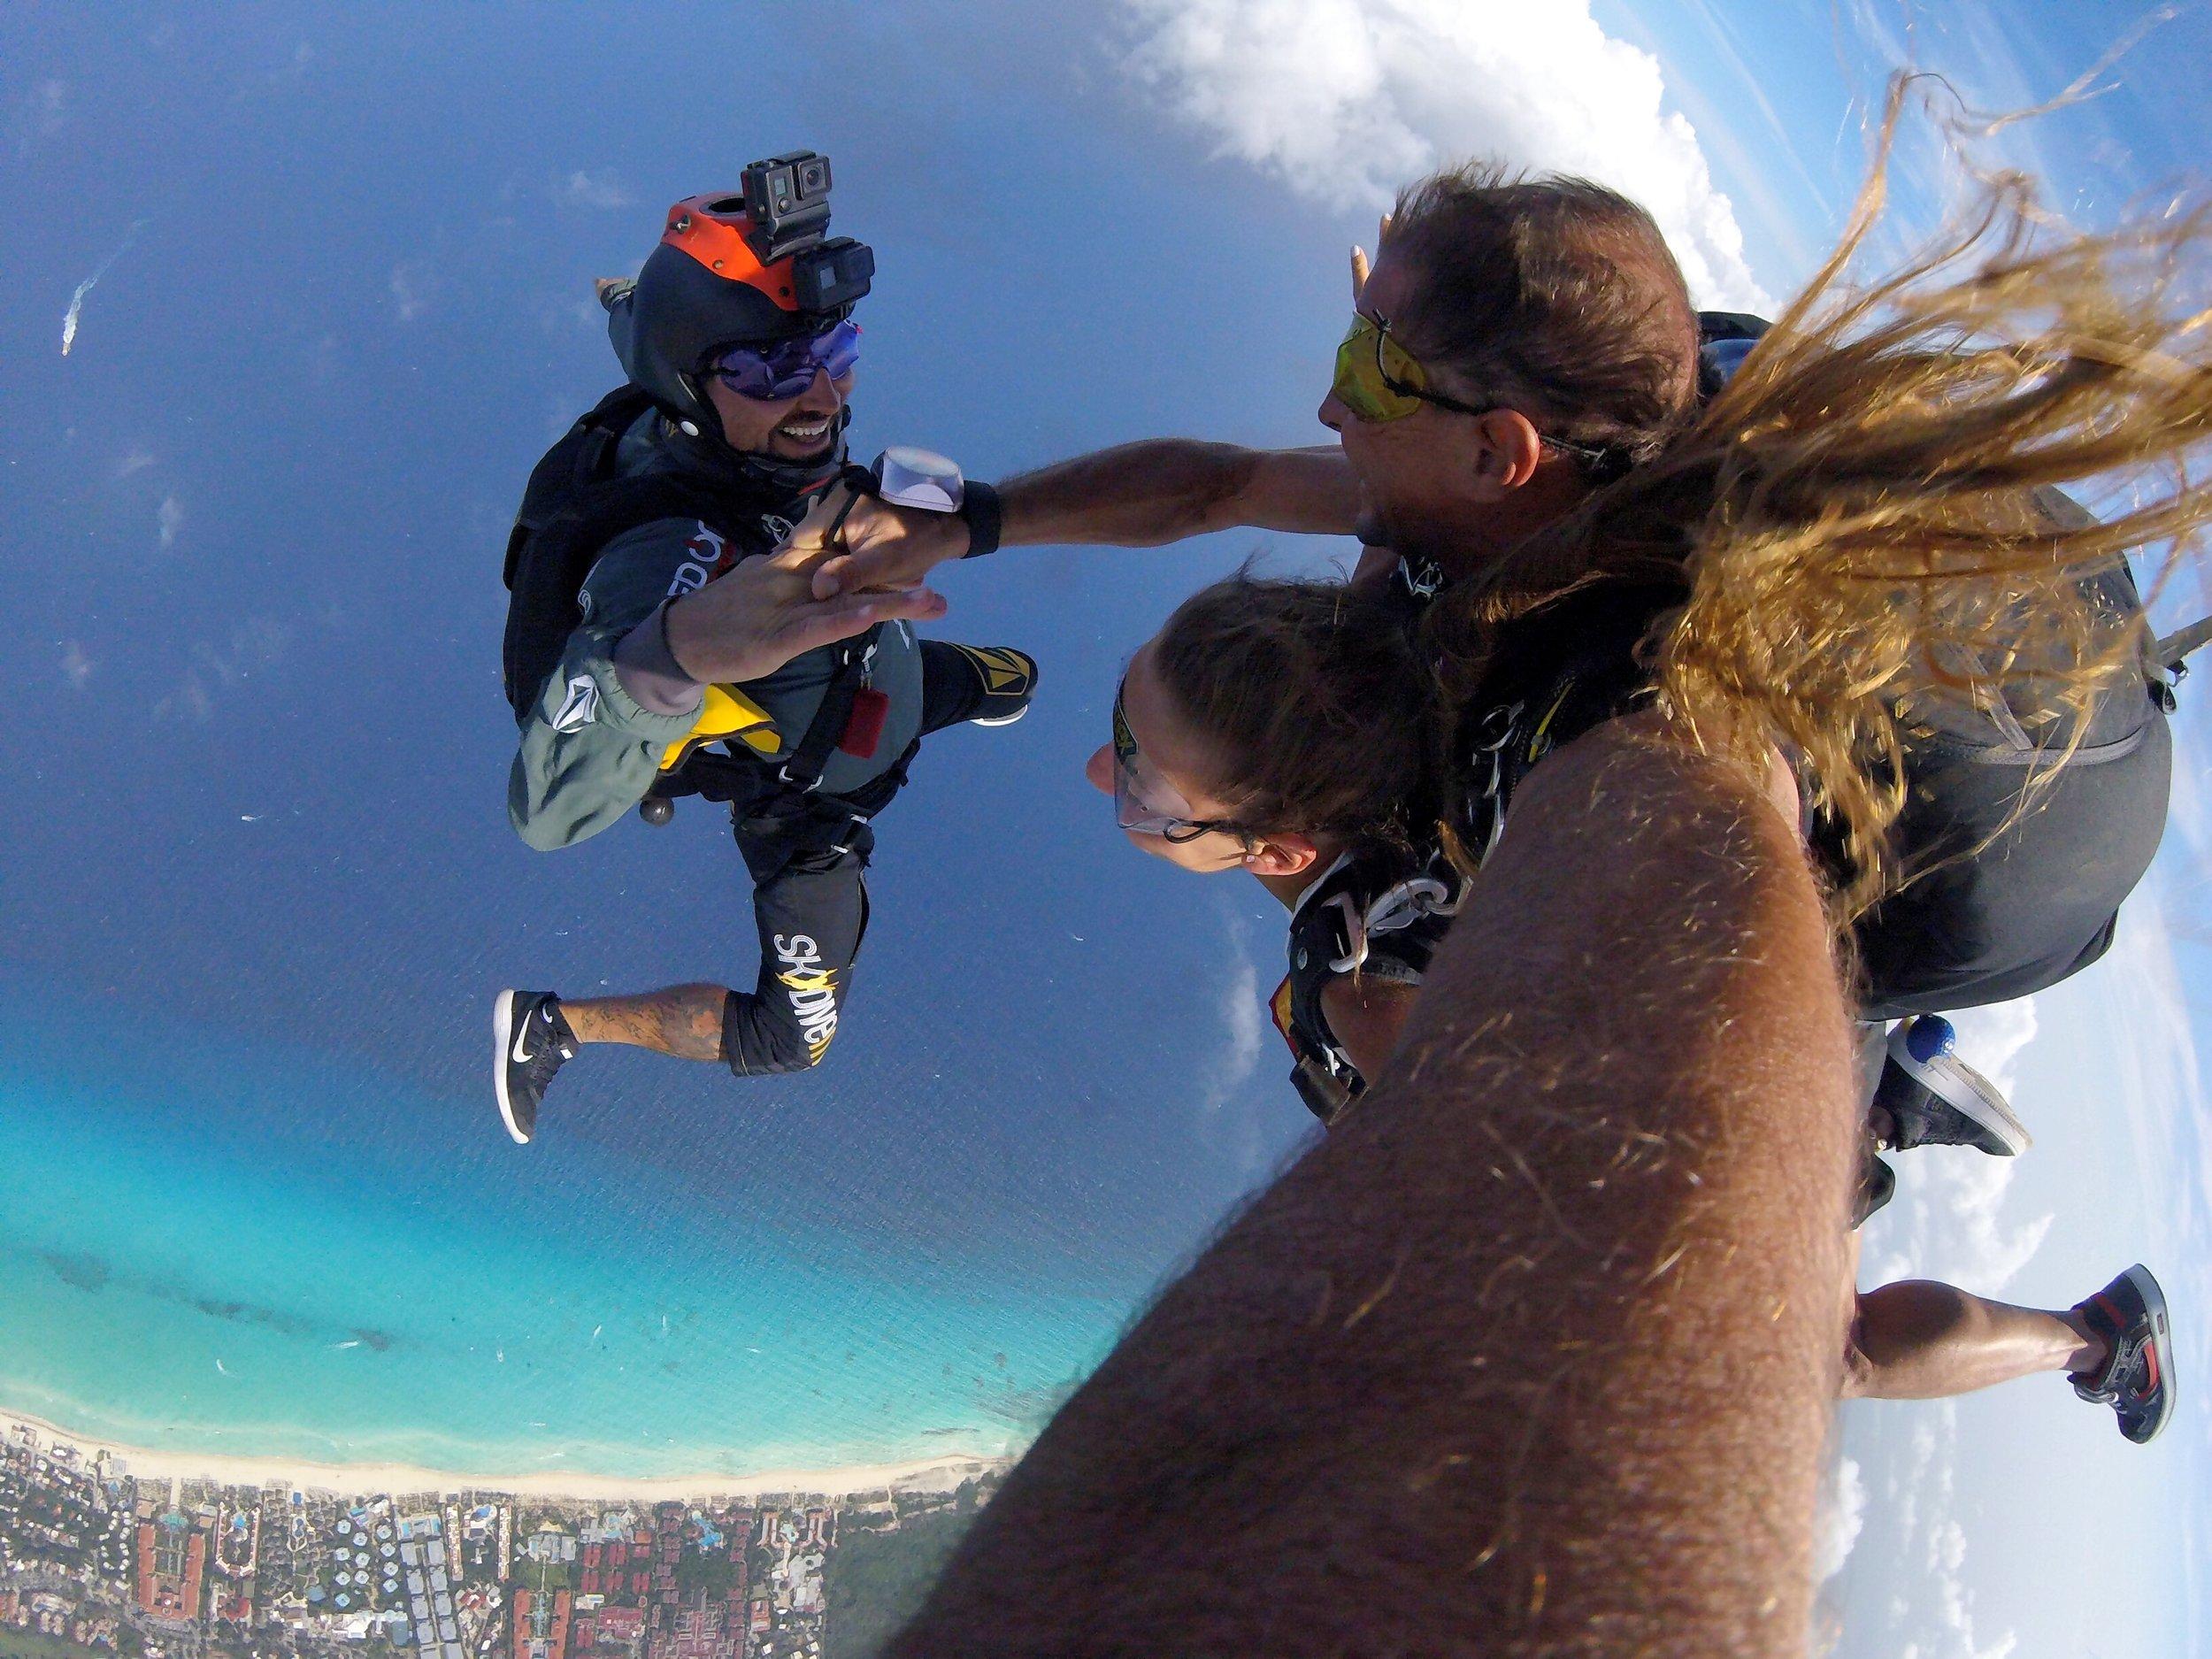 Skydivemex_Skydive_Playa_del_Carmen_Website_May_20171.JPG